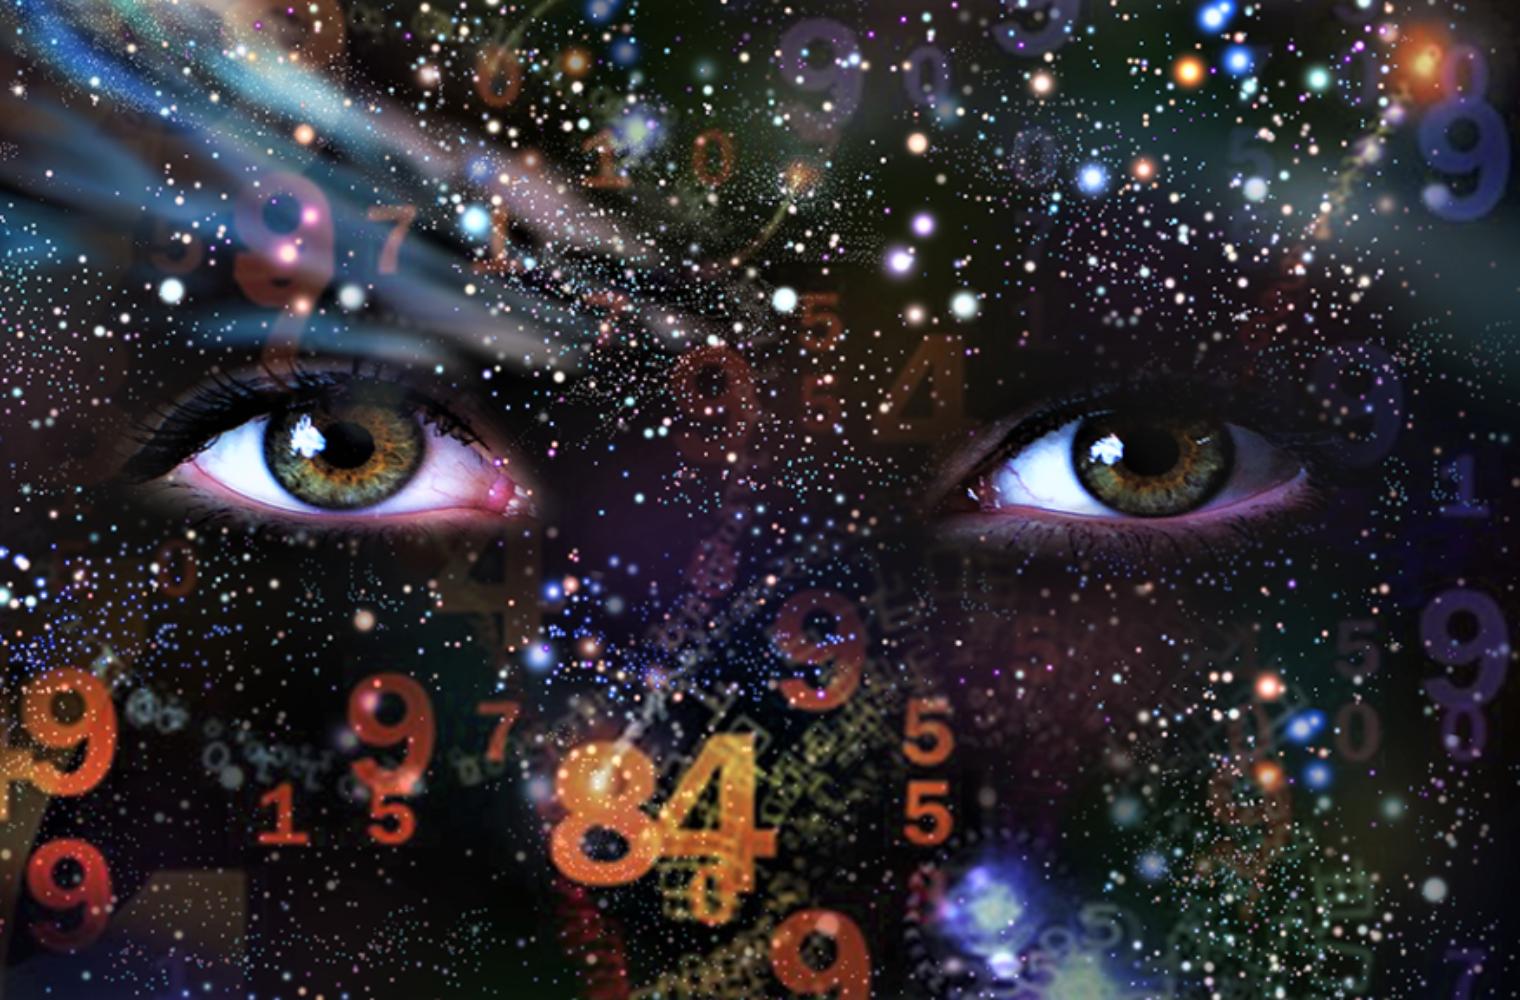 что-либо принципиально картинки космоса с цифрами косметологии